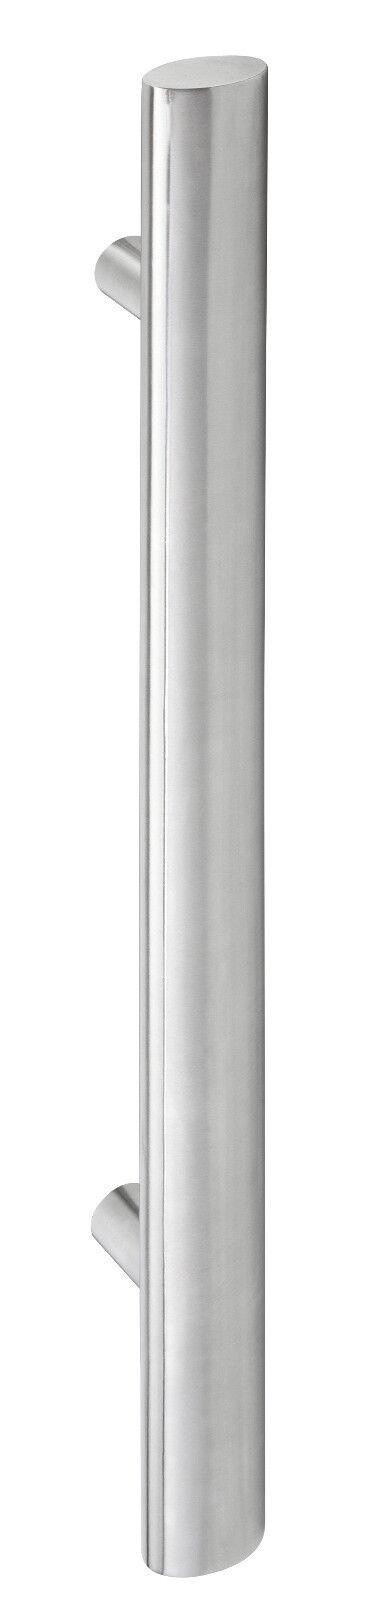 Haustürgriff Stoßgriff Edelstahl ovale Griffstange 1200 mm mit mit mit geraden Stützen | Qualitativ Hochwertiges Produkt  495e8d